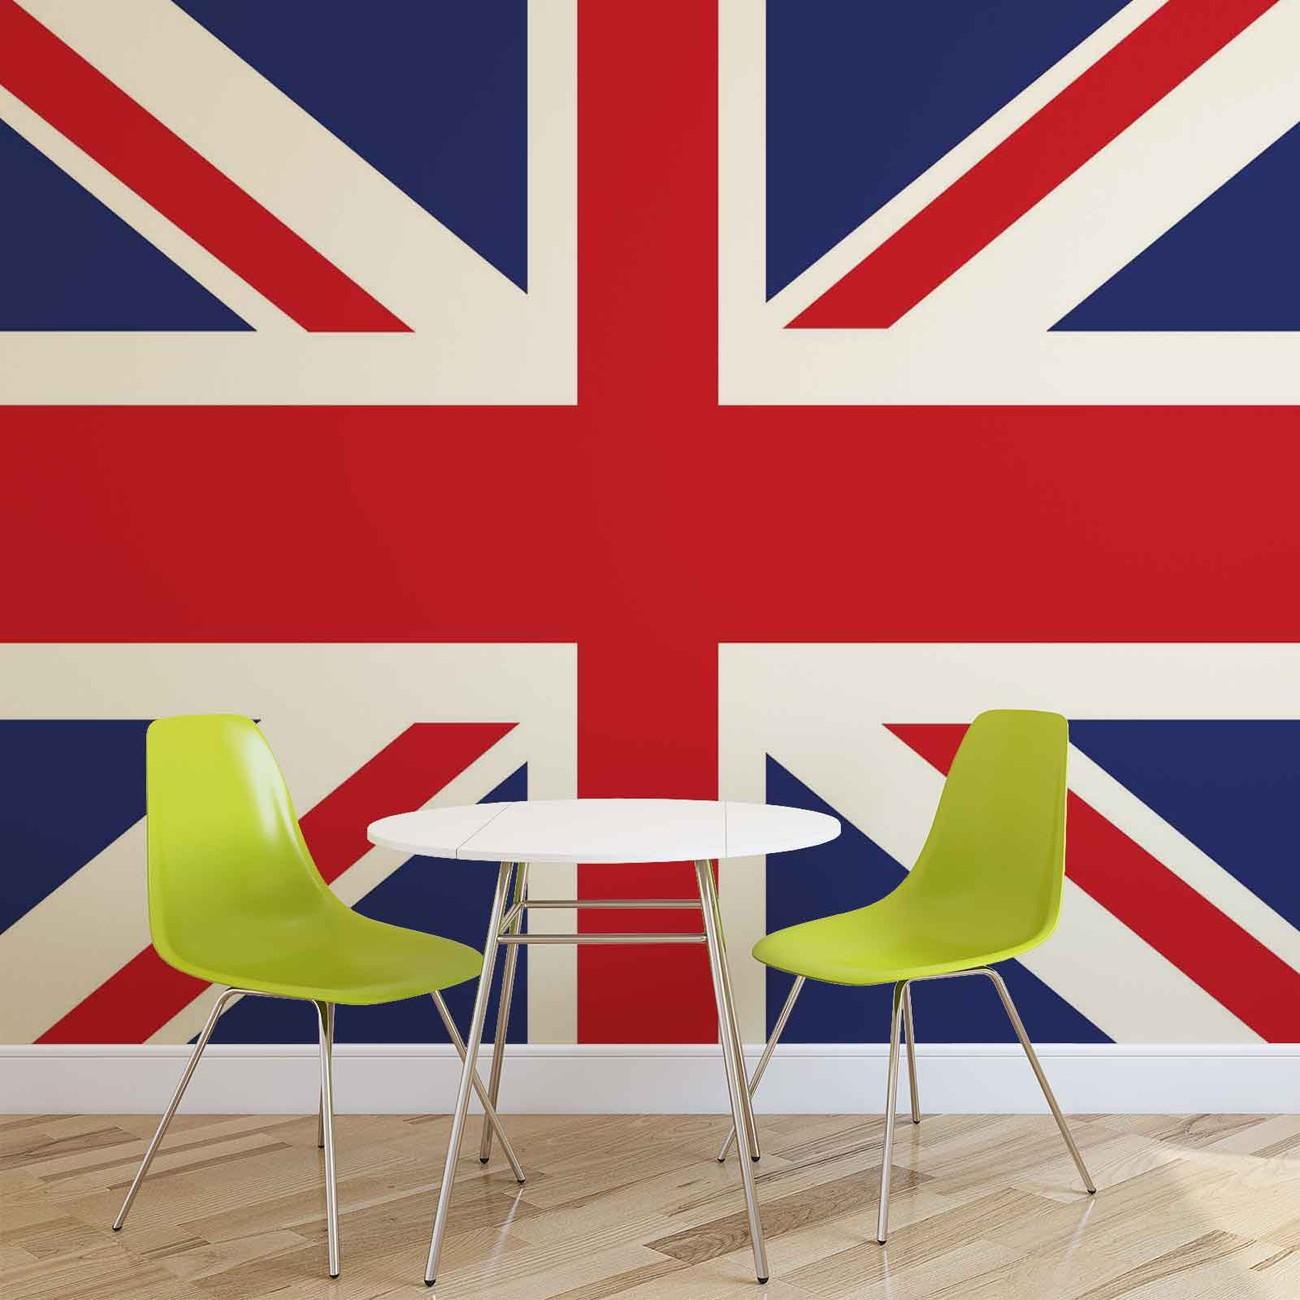 Fotomurale Bandera Gran Bretaña Reino Unido, Papel pintado ...